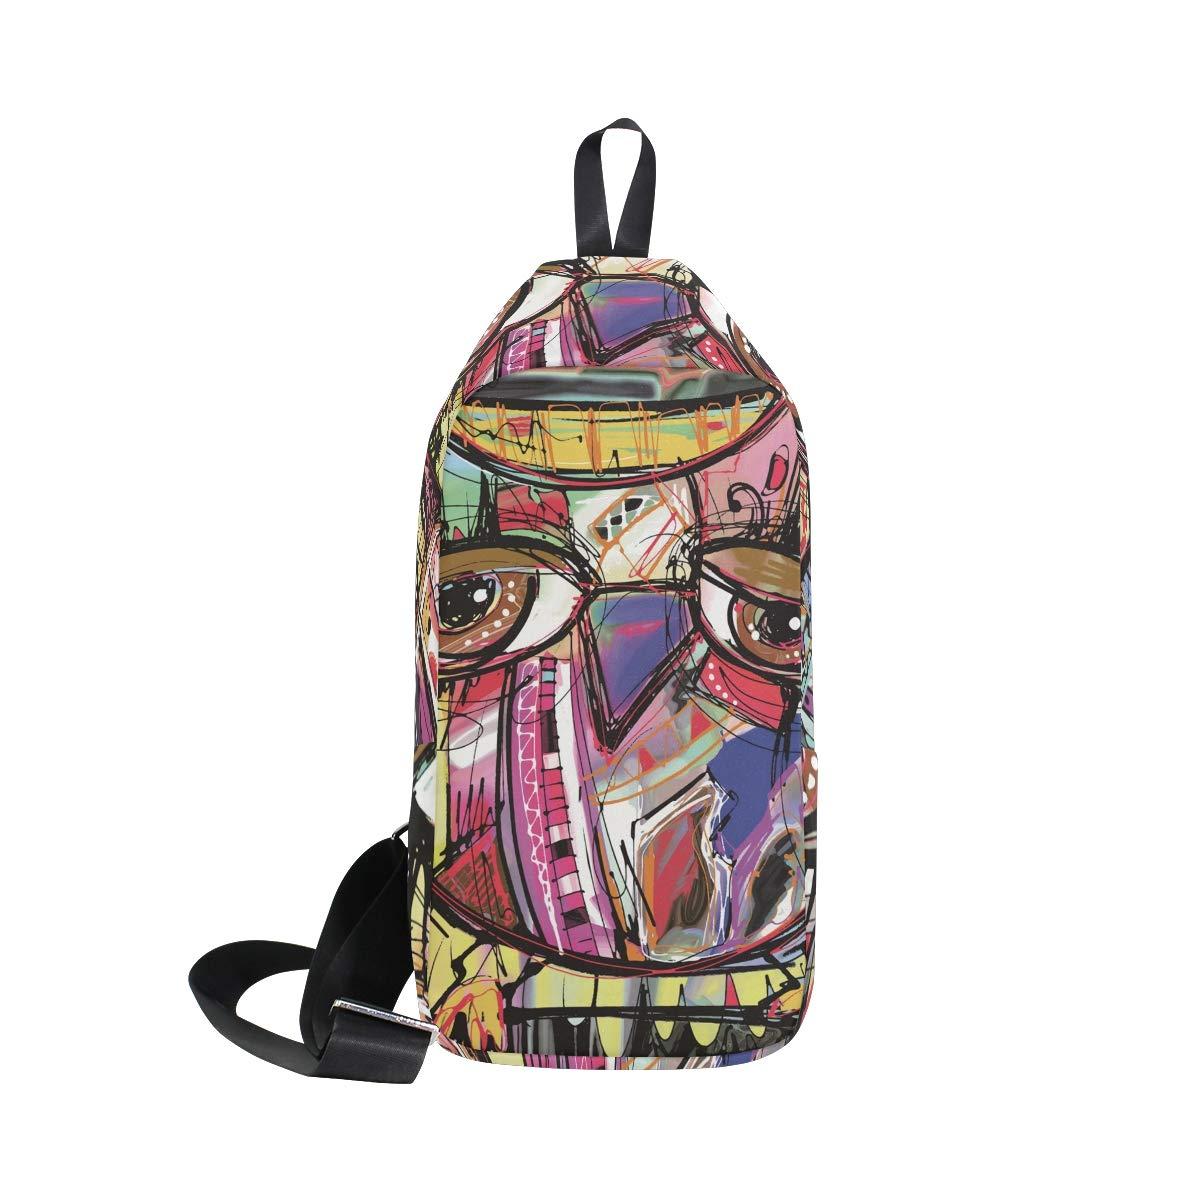 Unisex Messenger Bag Graffiti Owl Shoulder Chest Cross Body Backpack Bag